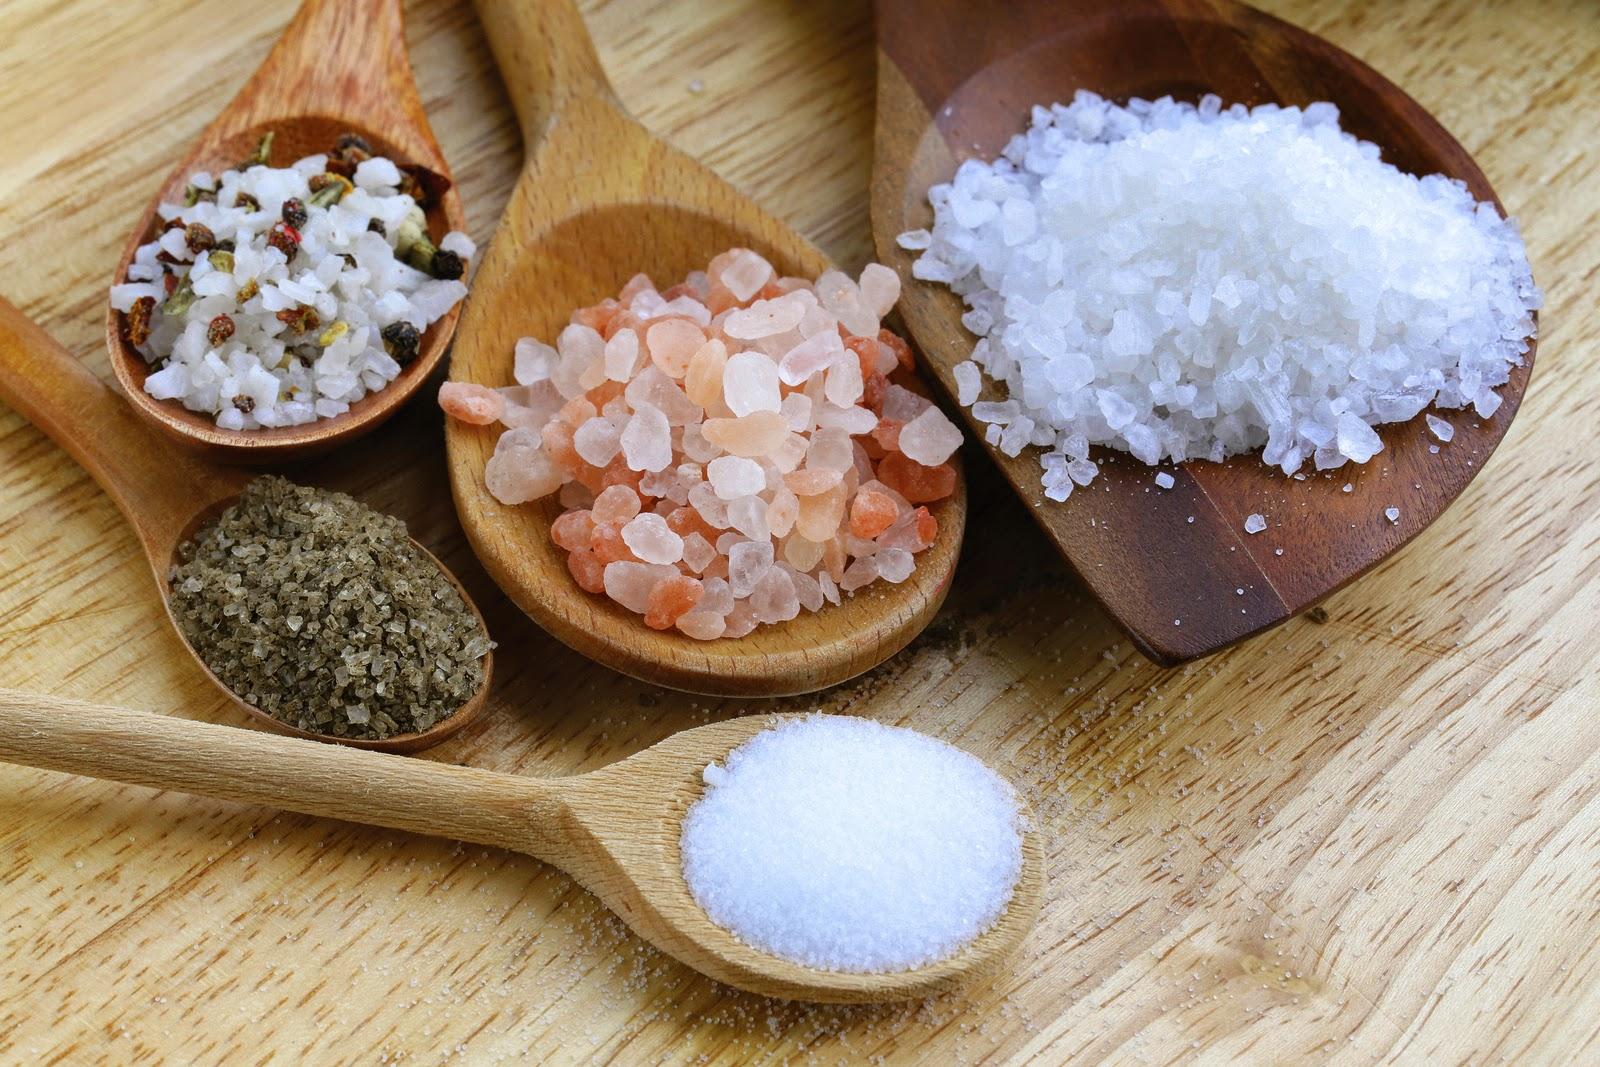 El consumo de sal en Ecuador está por encima de lo recomendado por la OMS, según estudio de la USFQ